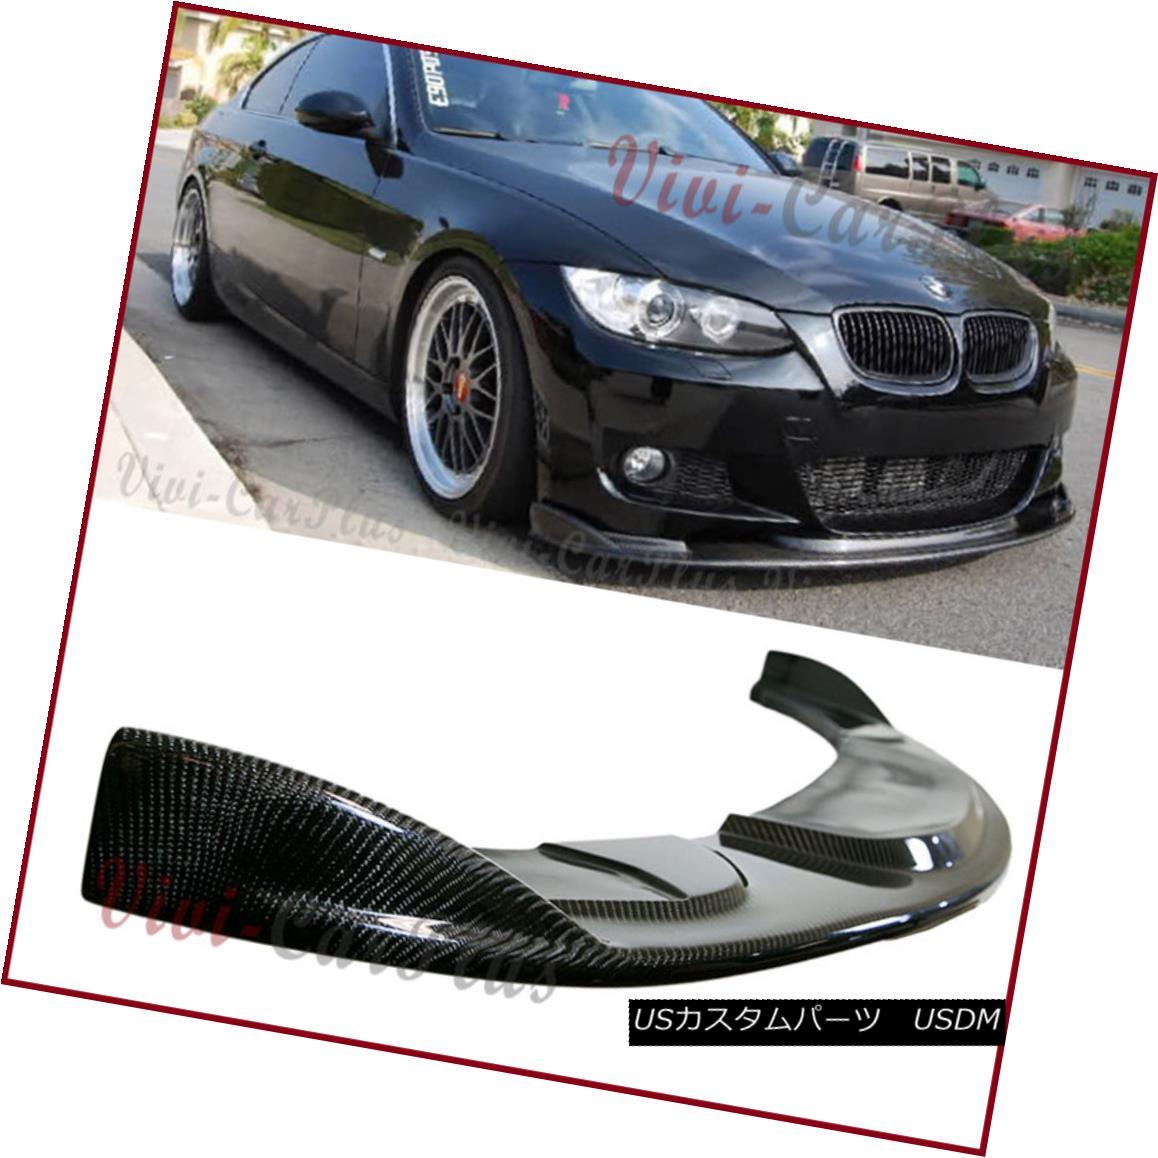 エアロパーツ HM Look Carbon Fiber Lower Spoiler Lip w 06-09 E92 E93 328xi 335i M-Sport Bumper HMルックカーボンファイバーロワースポイラーリップw 06-09 E92 E93 328xi 335i M-スポーツバンパー